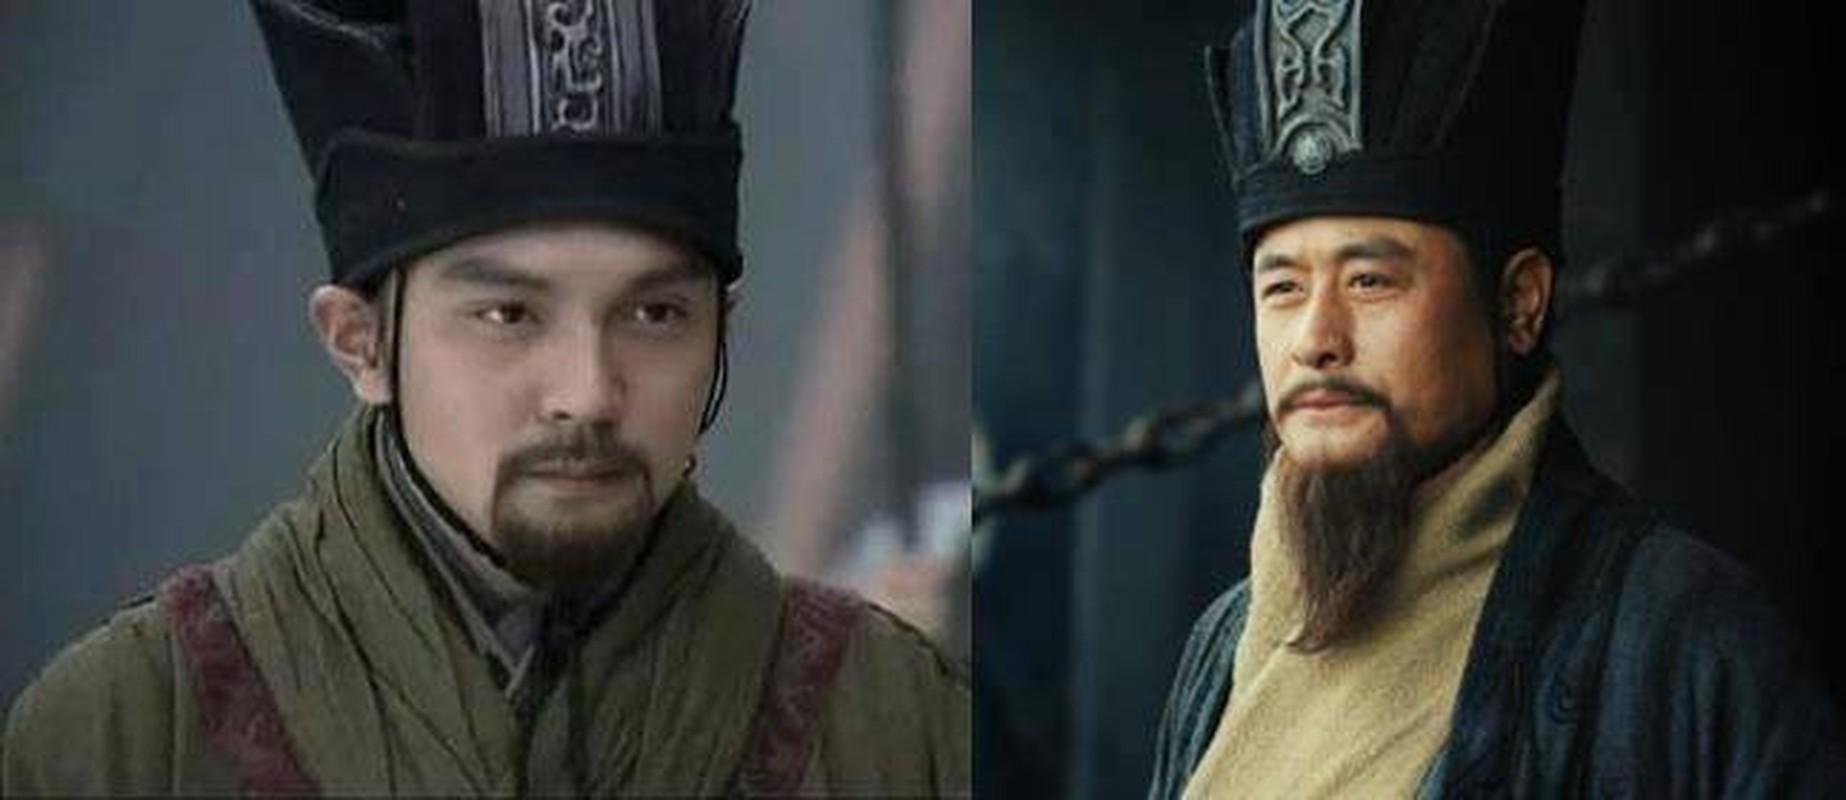 Khong phai Gia Cat Luong, ai moi la muu si gioi nhat thoi Tam quoc?-Hinh-3